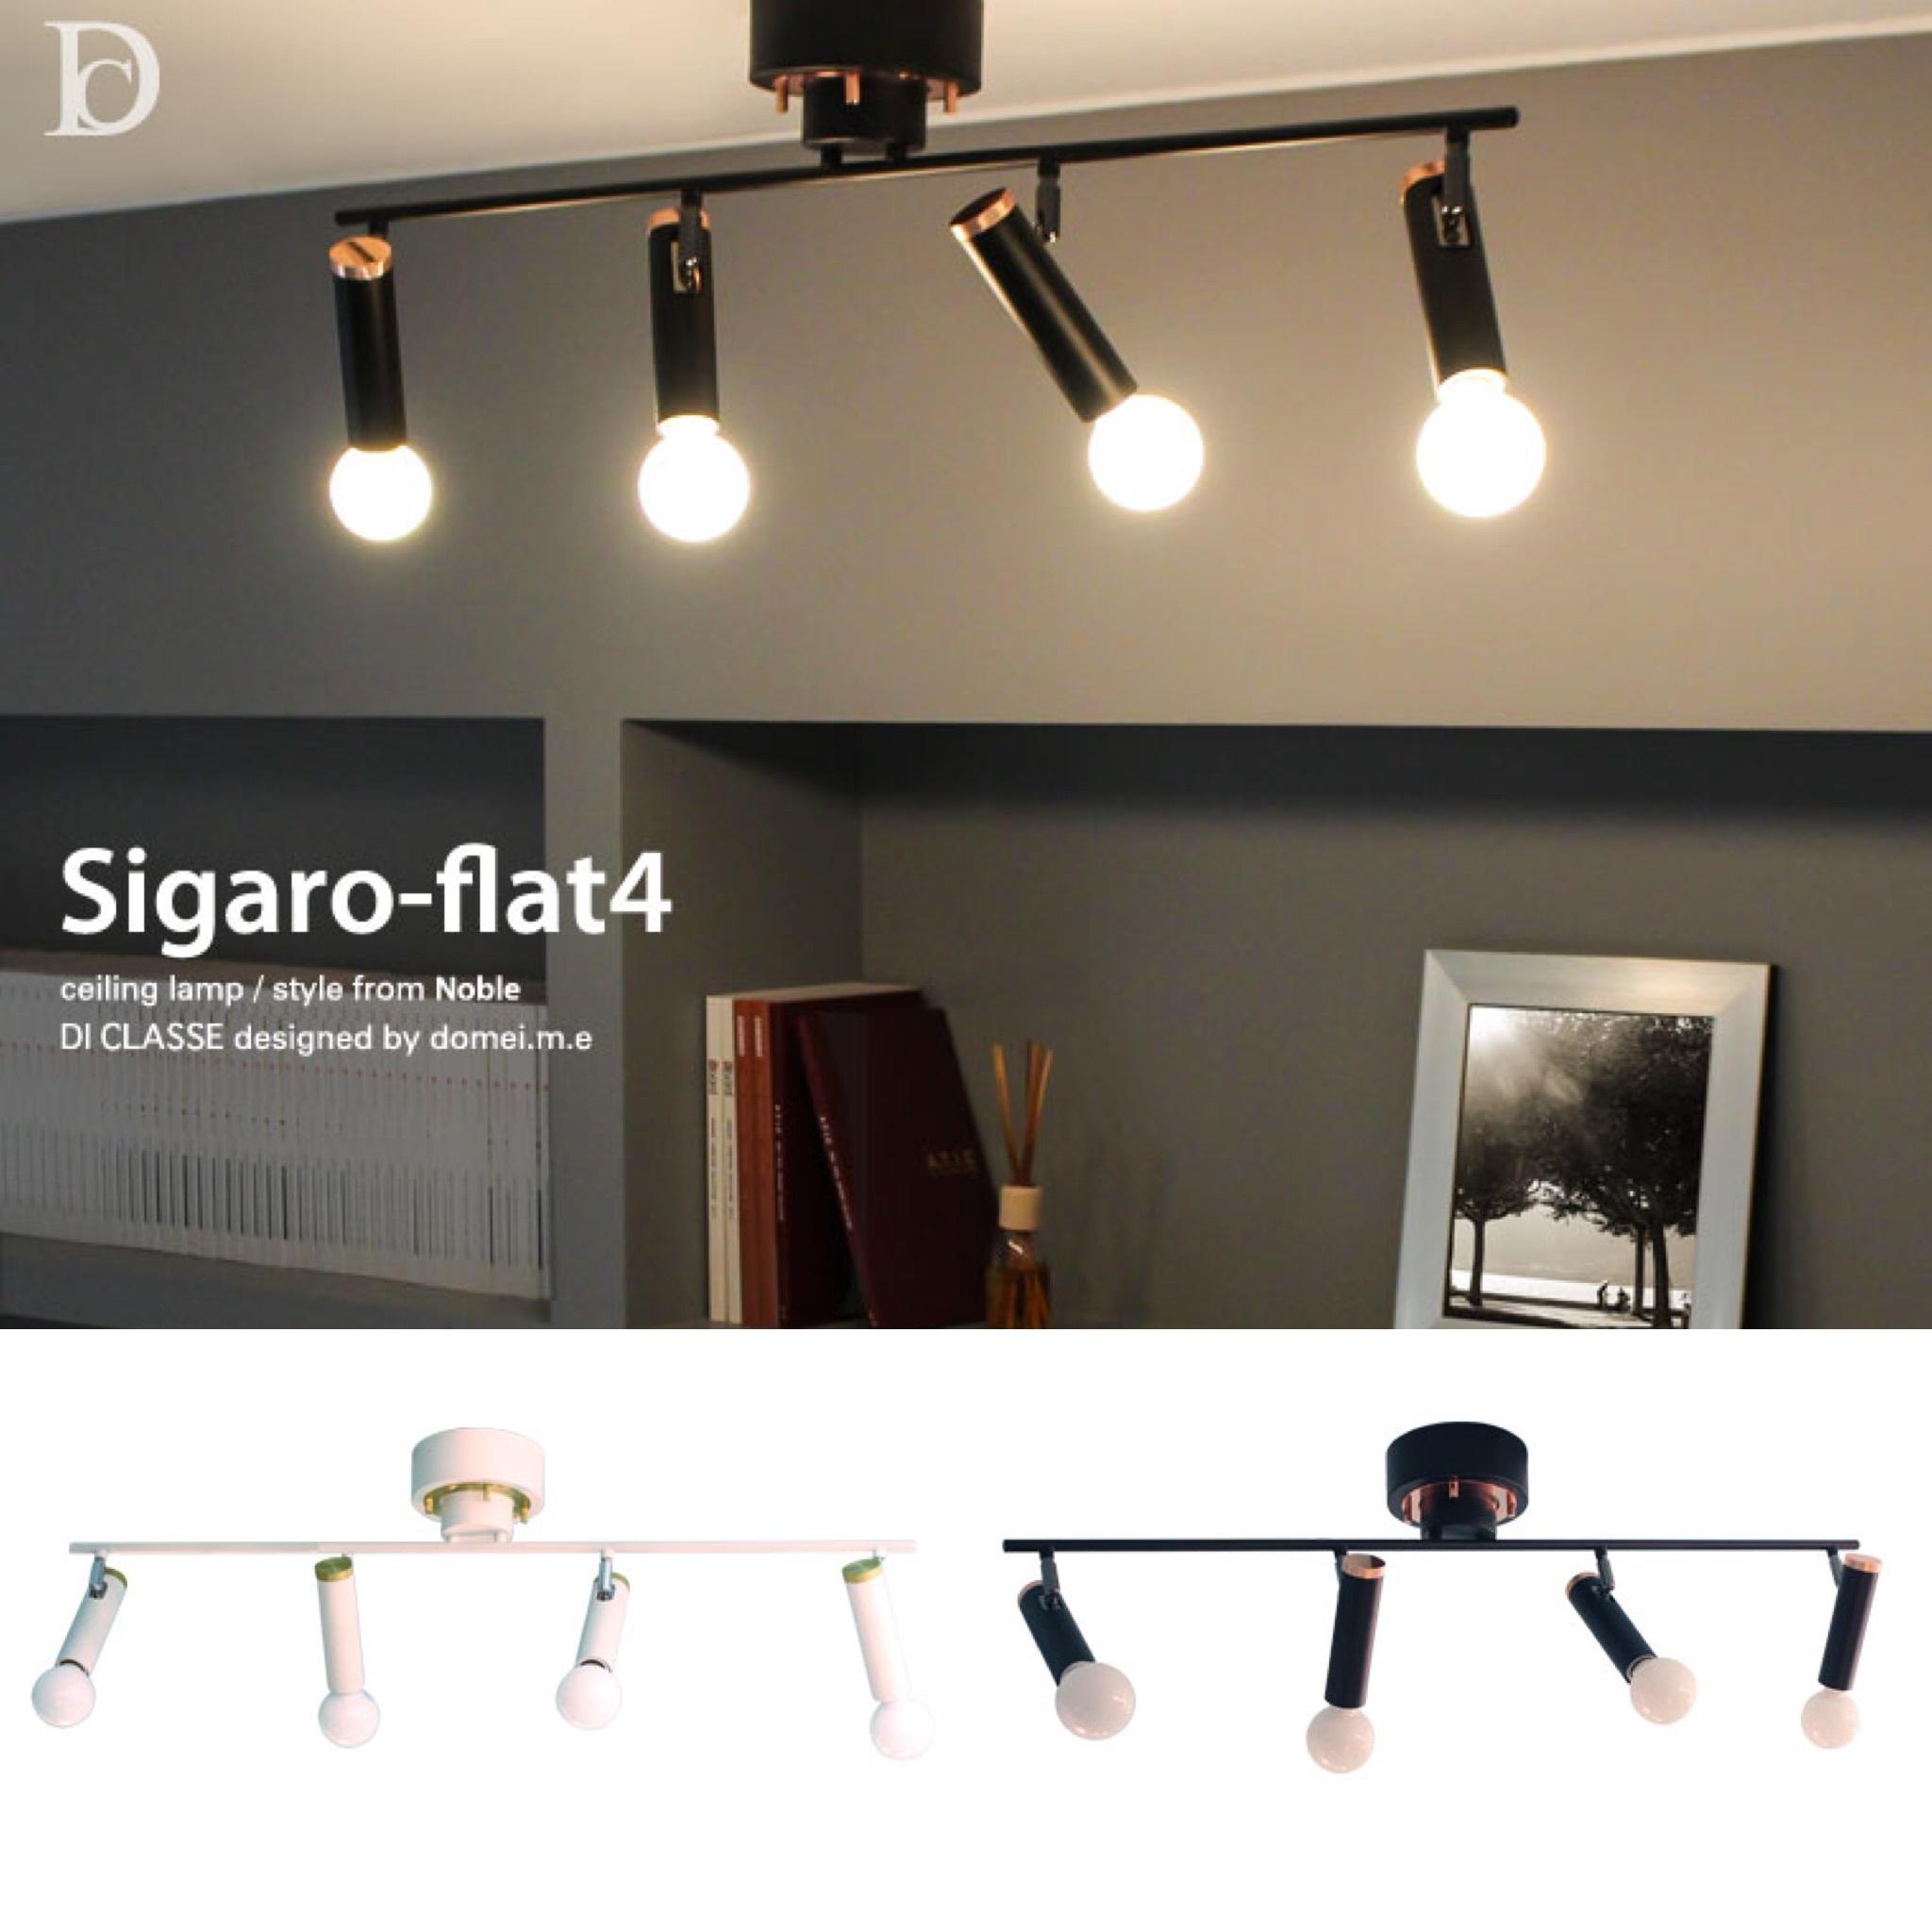 照明 Sigaro-flat4 ceiling lamp シガロ フラット4 シーリングランプ 全2色 シーリングライト DI-CLASSE